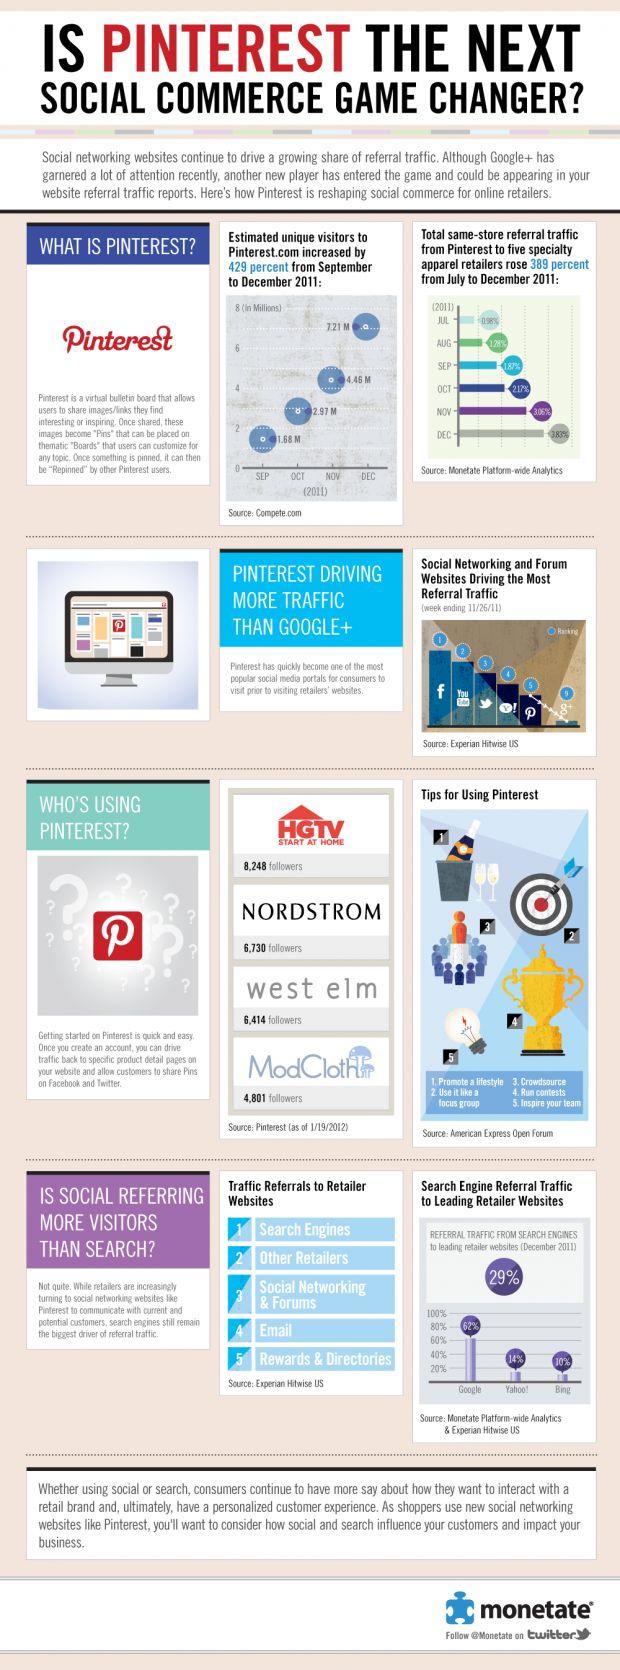 Pinterest; social commerce game changer? [infographic]